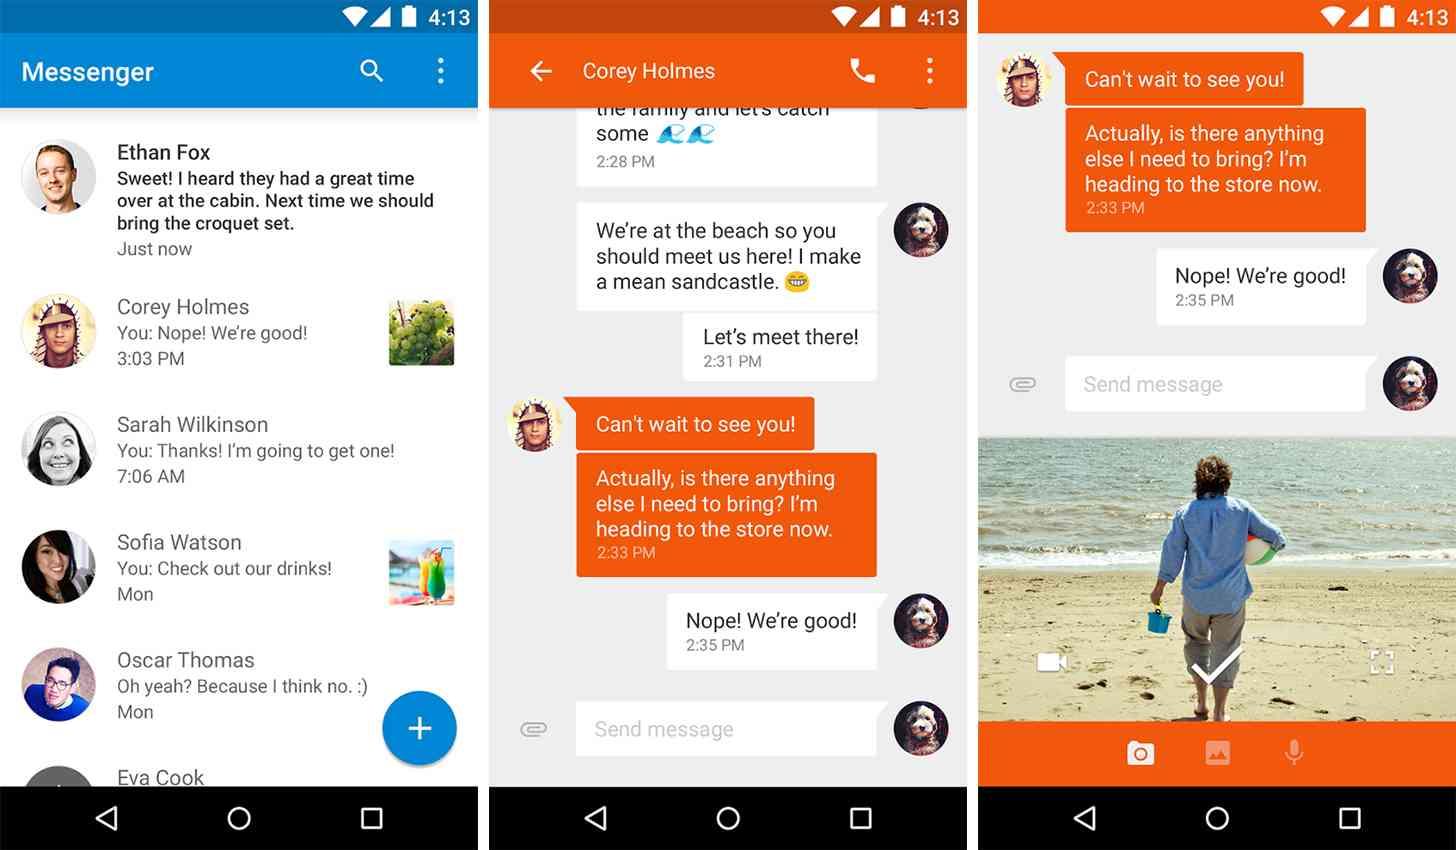 Google Messenger app screenshots